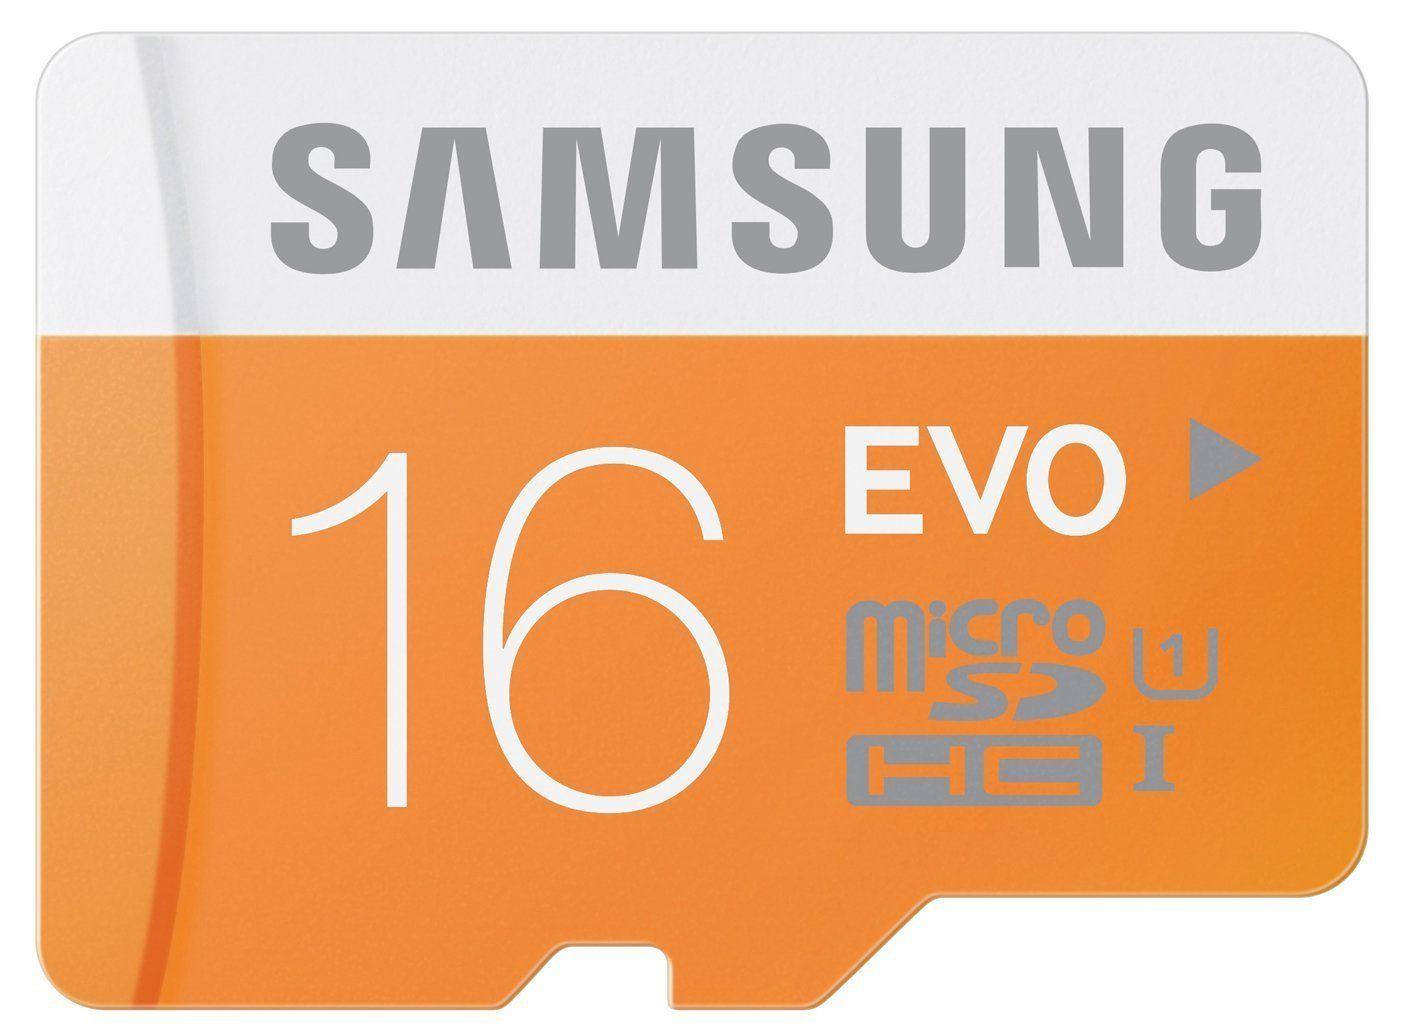 Übersicht microSD Karten inklusive Versand (16GB für 5,21€, 32GB für 8,69, 64GB für 15,21€)